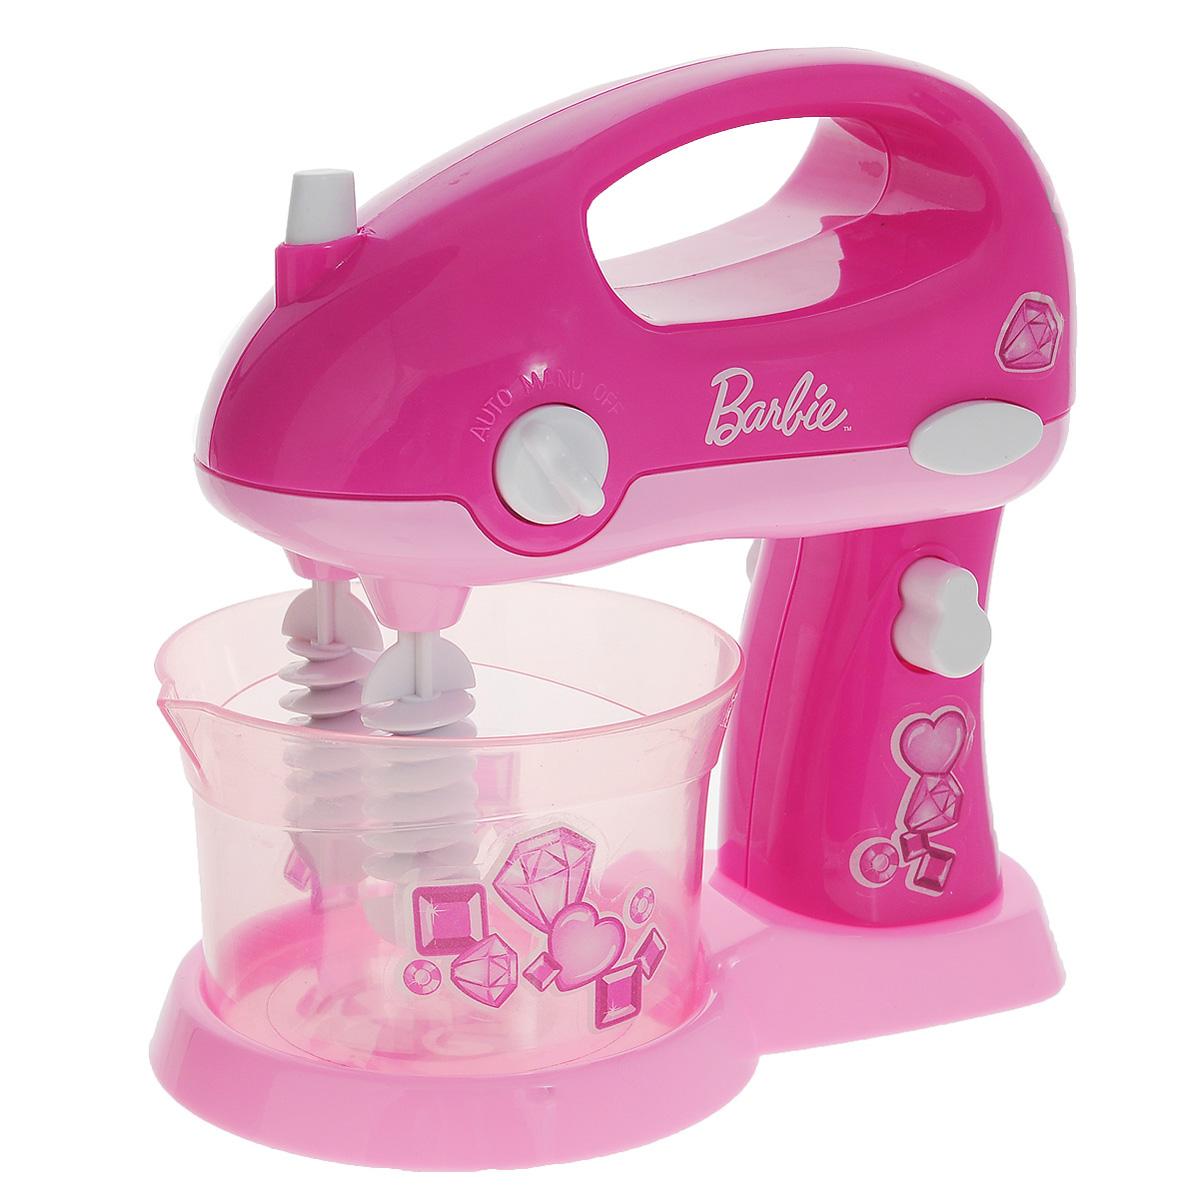 Миксер BarbieJRFMIXER-BBМиксер Barbie непременно понравится вашей маленькой хозяюшке и не позволит ей скучать. Красочный миксер выполнен из прочного безопасного пластика розового цвета. Поверните переключатель на корпусе миксера, чтобы включилась подсветка, а венчики начали вращаться. При нажатии овальной кнопки в верхней части миксера венчики начнут вращаться, и остановятся, когда вы отпустите кнопку. Кнопка на ножке миксера позволяет отсоединить его от подставки. В комплект входит дополнительная пара венчиков. Такая игрушка поможет ребенку развить звуковое восприятие, мелкую моторику рук и координацию движений, а также станет важным элементом сюжетно-ролевых игр и познакомит ребенка с работой настоящих бытовых приборов. Игра с такой кухонной техникой превратится в увлекательное событие, которое обязательно порадует ребенка. Рекомендуется докупить 2 батарейки типа С (товар комплектуется демонстрационными).